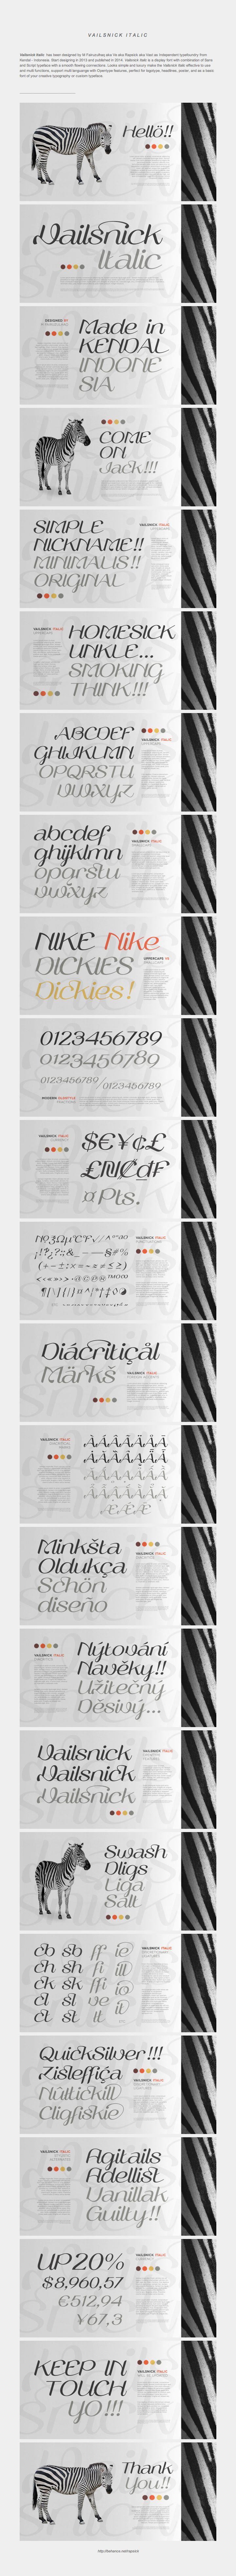 Vailsnick Italic Font by M Fairuzulhaq by vastudio.deviantart.com on @deviantART